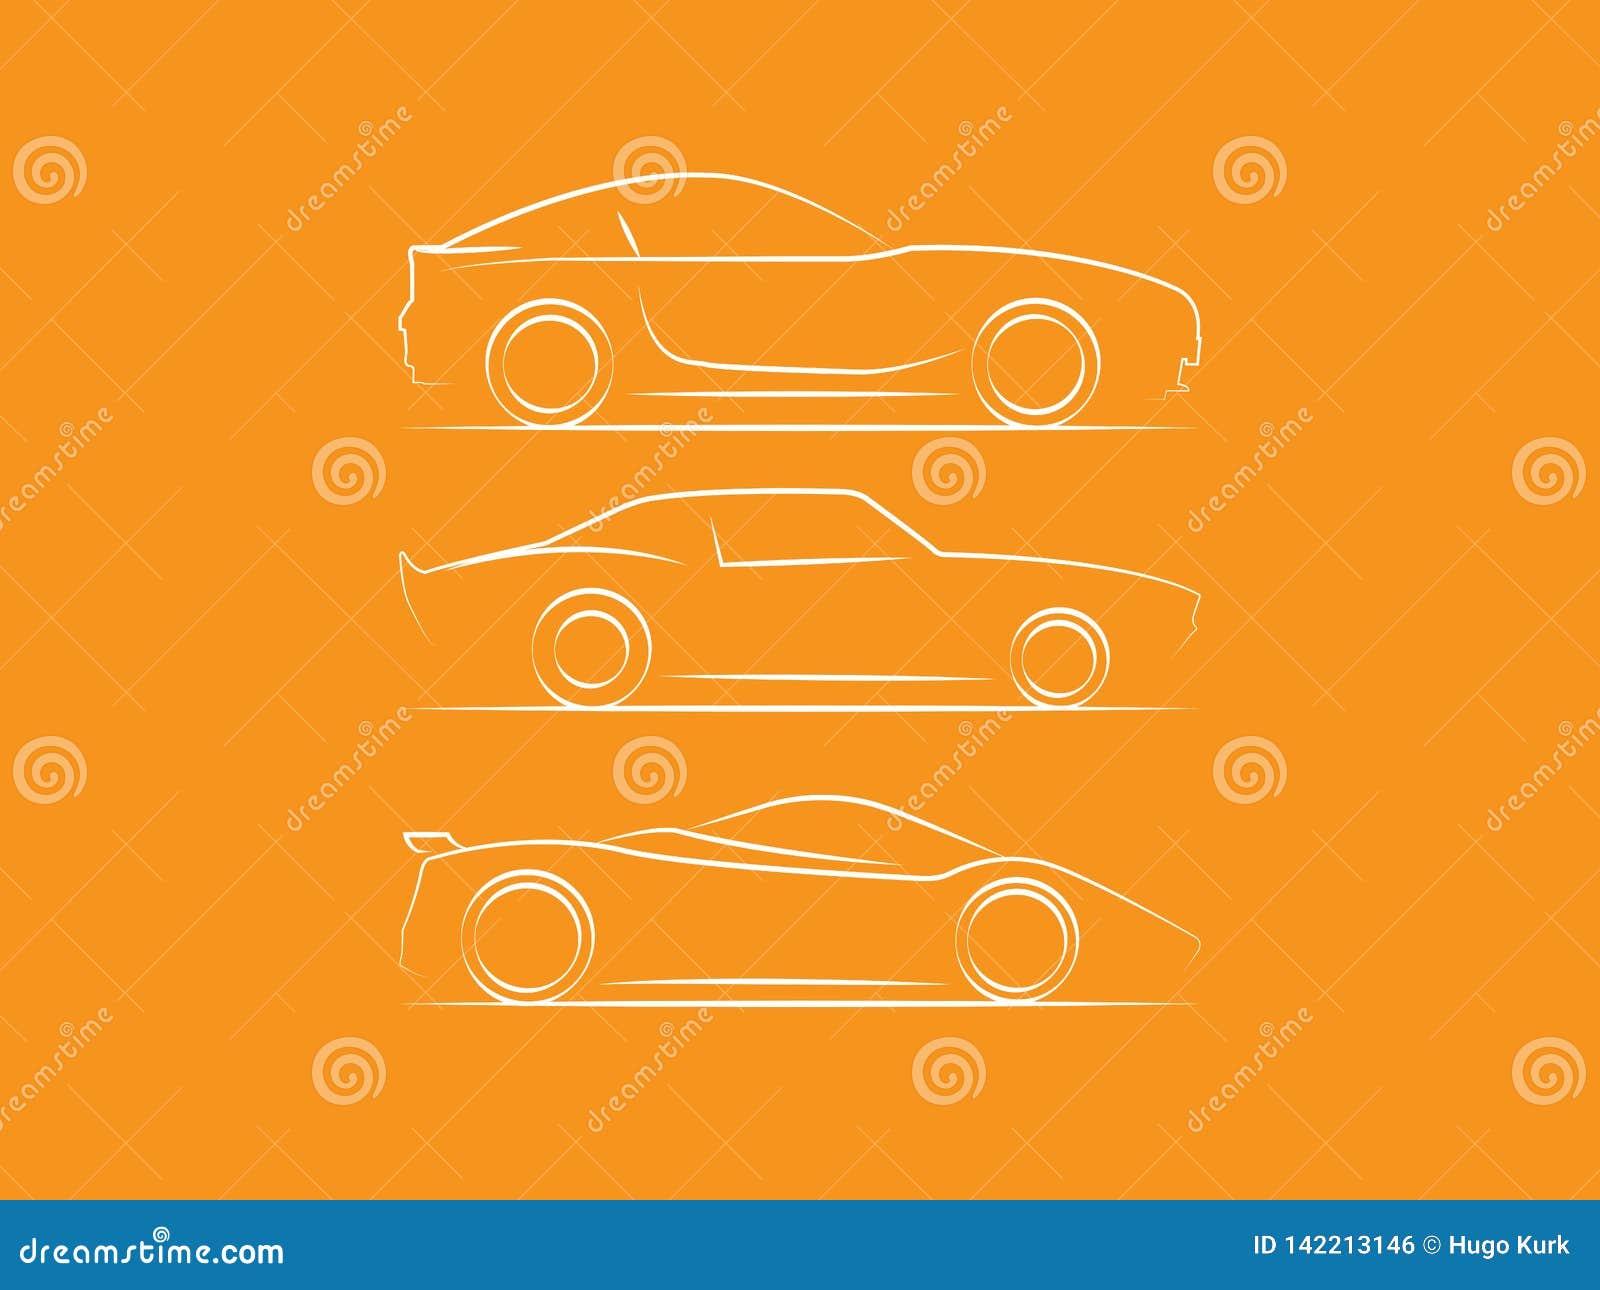 Δευτερεύον περίγραμμα περιλήψεων πλάγιας όψης αυτοκινήτων